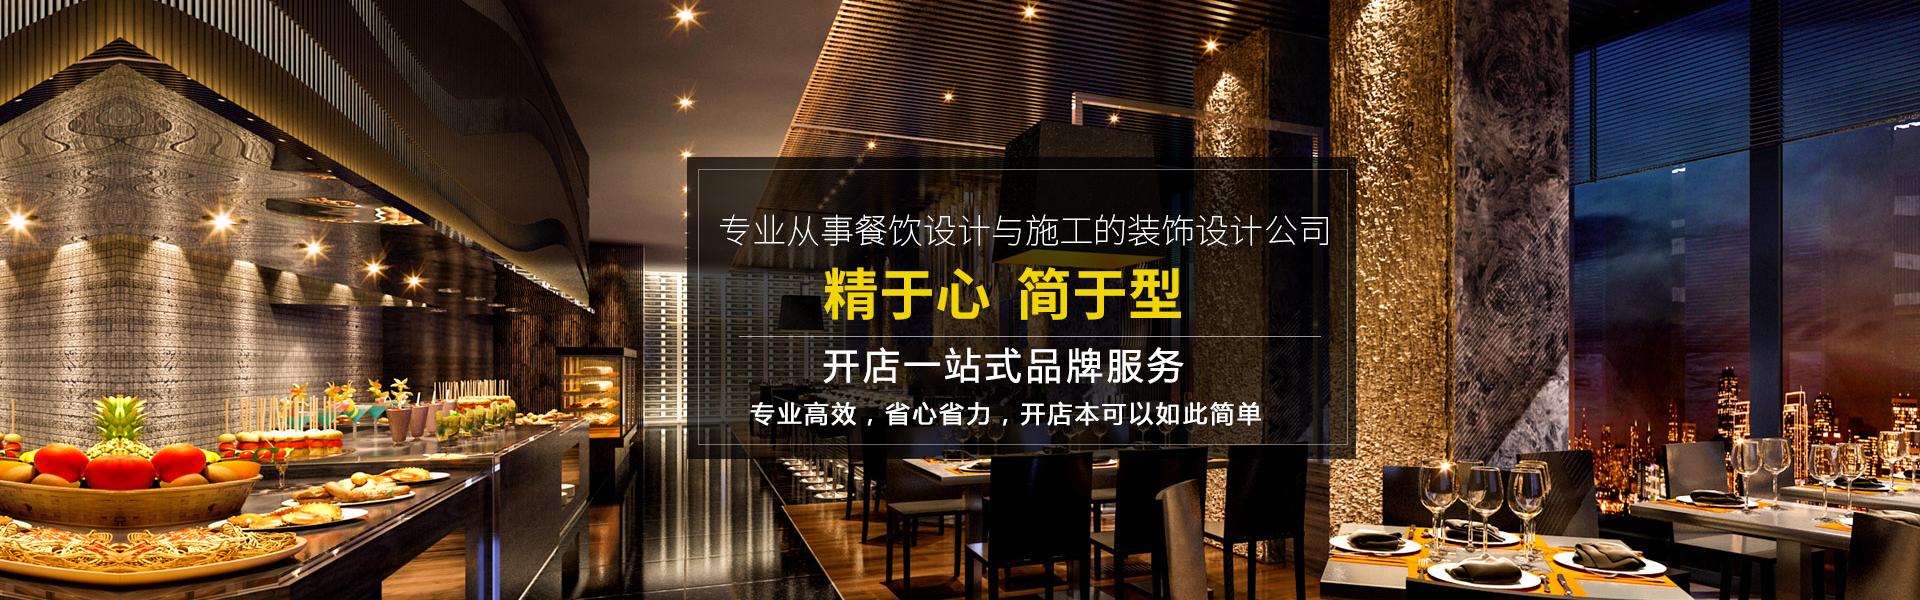 重庆餐饮设计主营:品牌故事、火锅设计、主题餐饮设计、连锁店设计等业务,全方位为客户提供【开店一站式品牌服务】